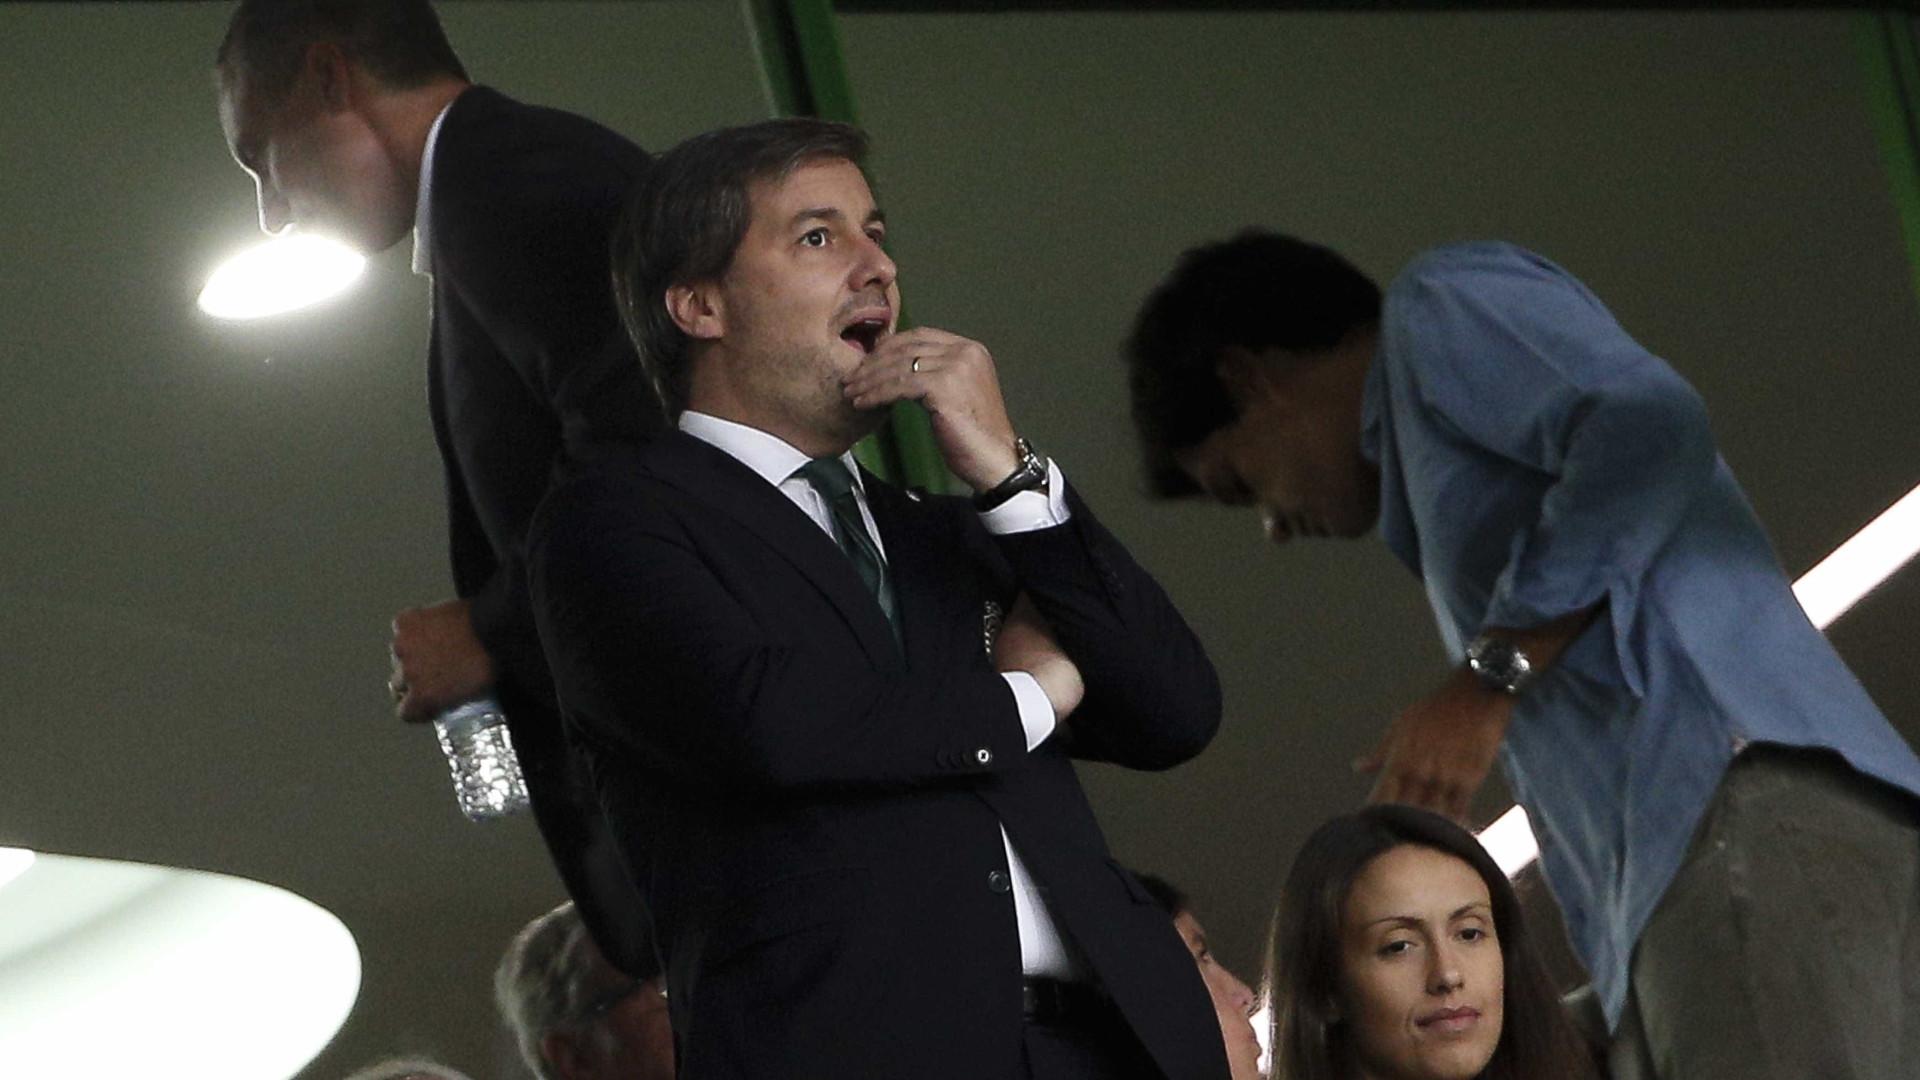 Bruno de Carvalho: Medidas de coação conhecidas a qualquer momento